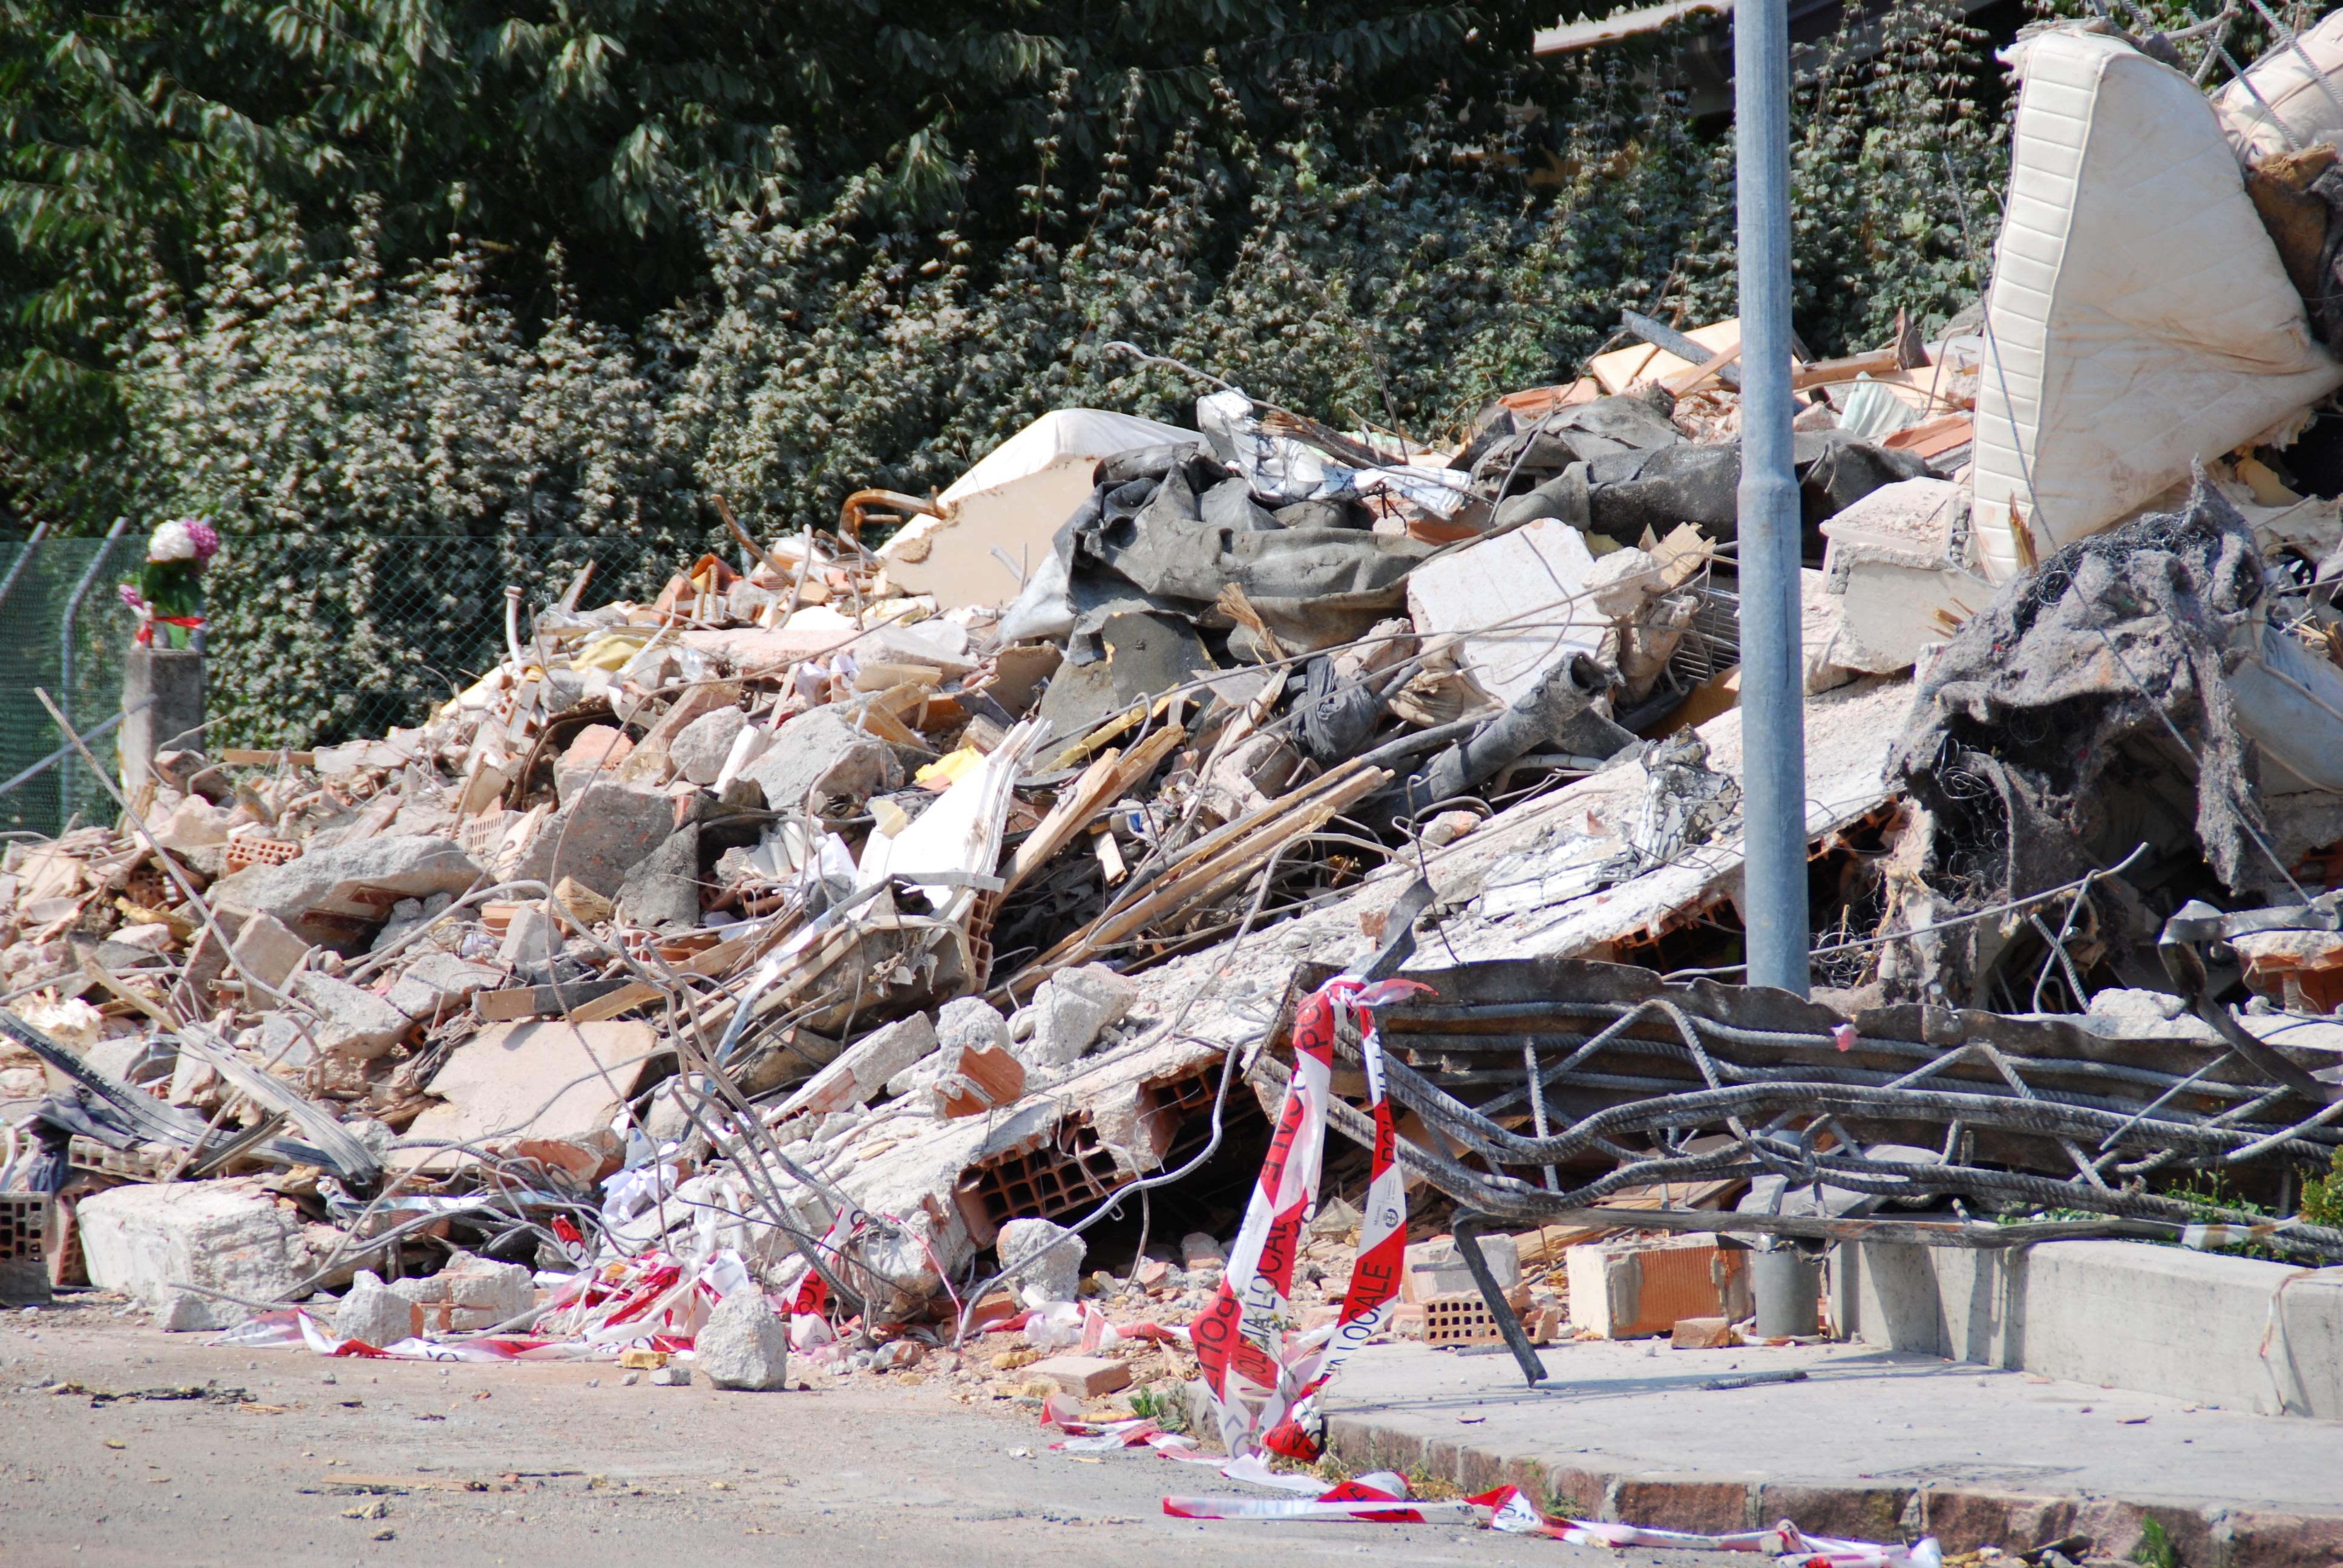 Gambar Kesedihan Puing Limbah Bencana Pembongkaran